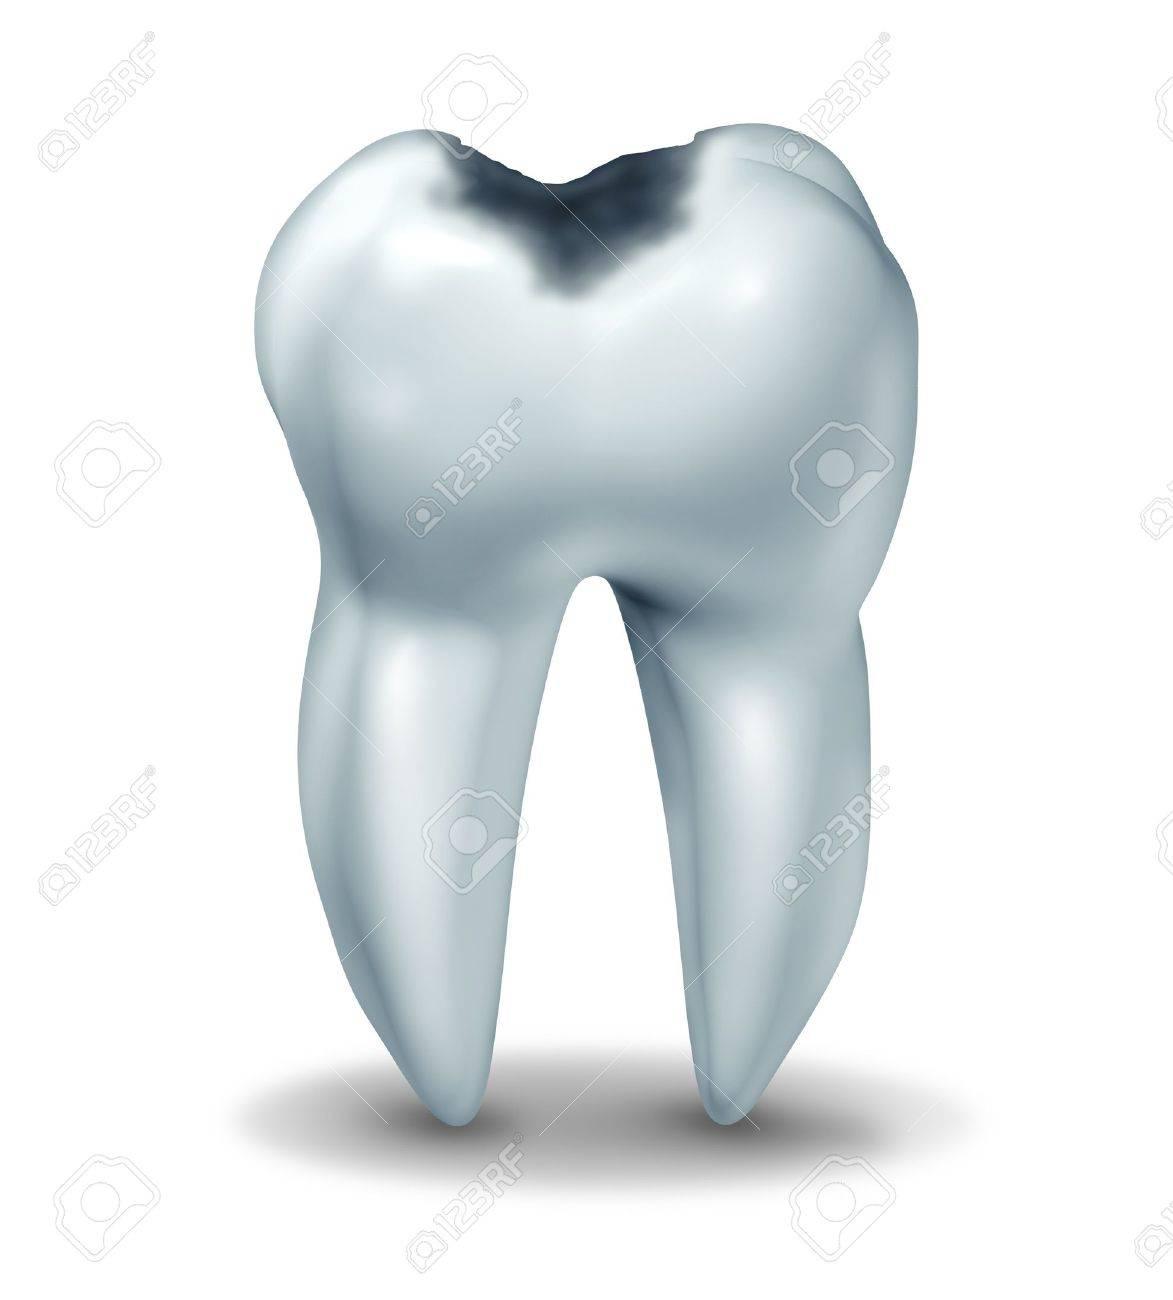 Zahnkavität Symbol, Das Den Medizinischen Anatomie Der Zähne Mit ...